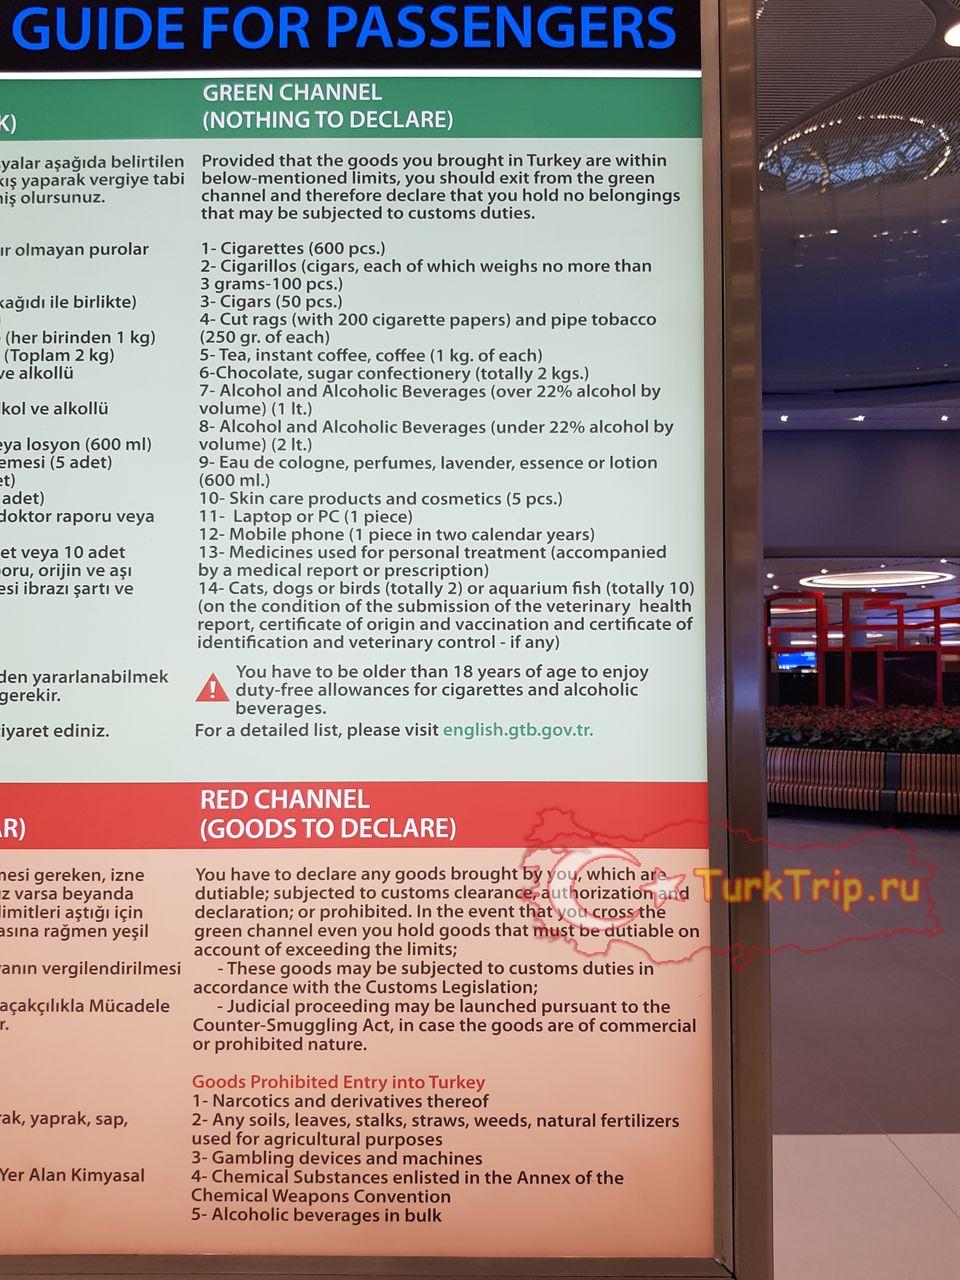 tamozhennye pravila v turcii